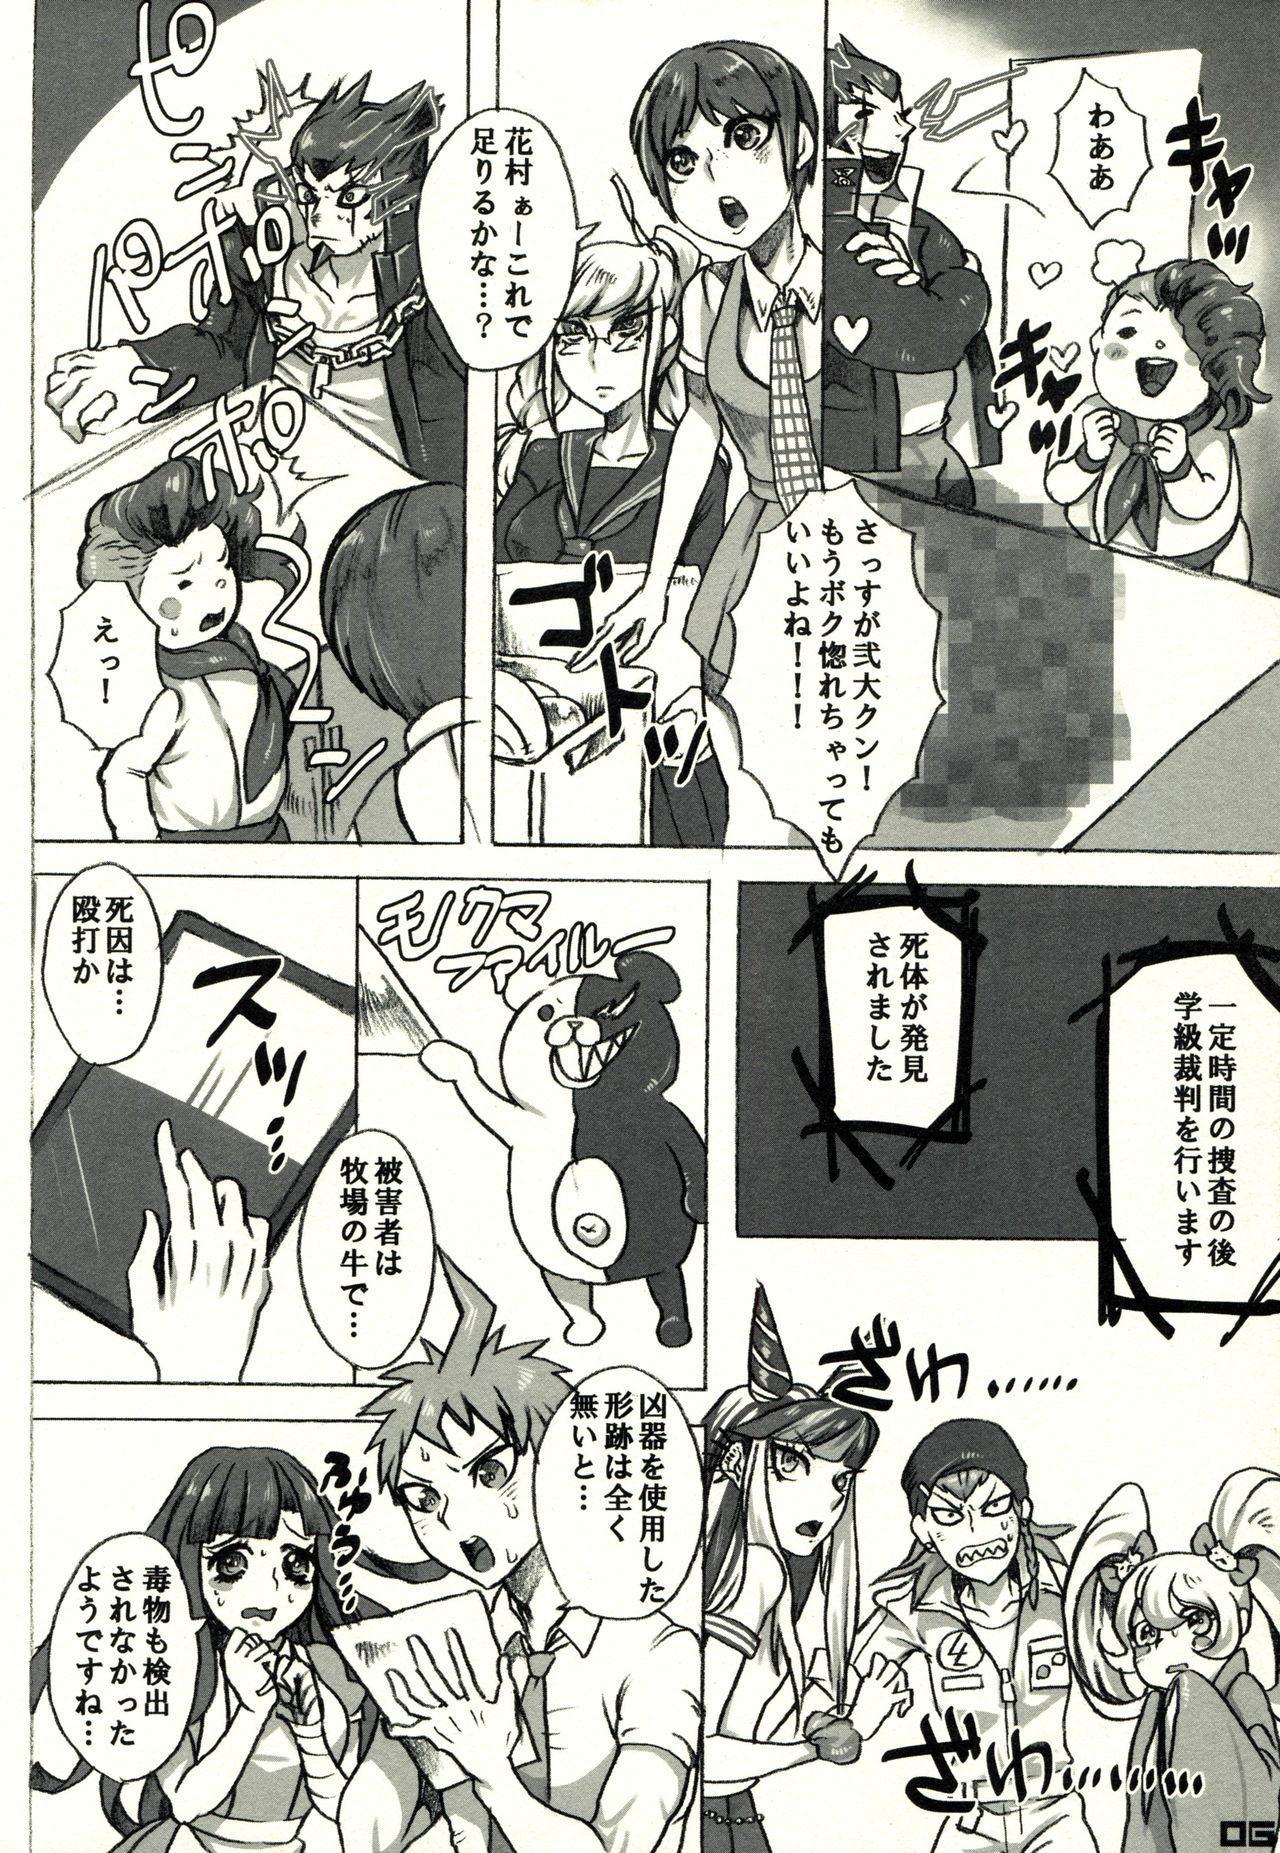 Nidai-kun ga Kuro ni Kimarimashita. Oshioki o Kaishi Shimasu. 4